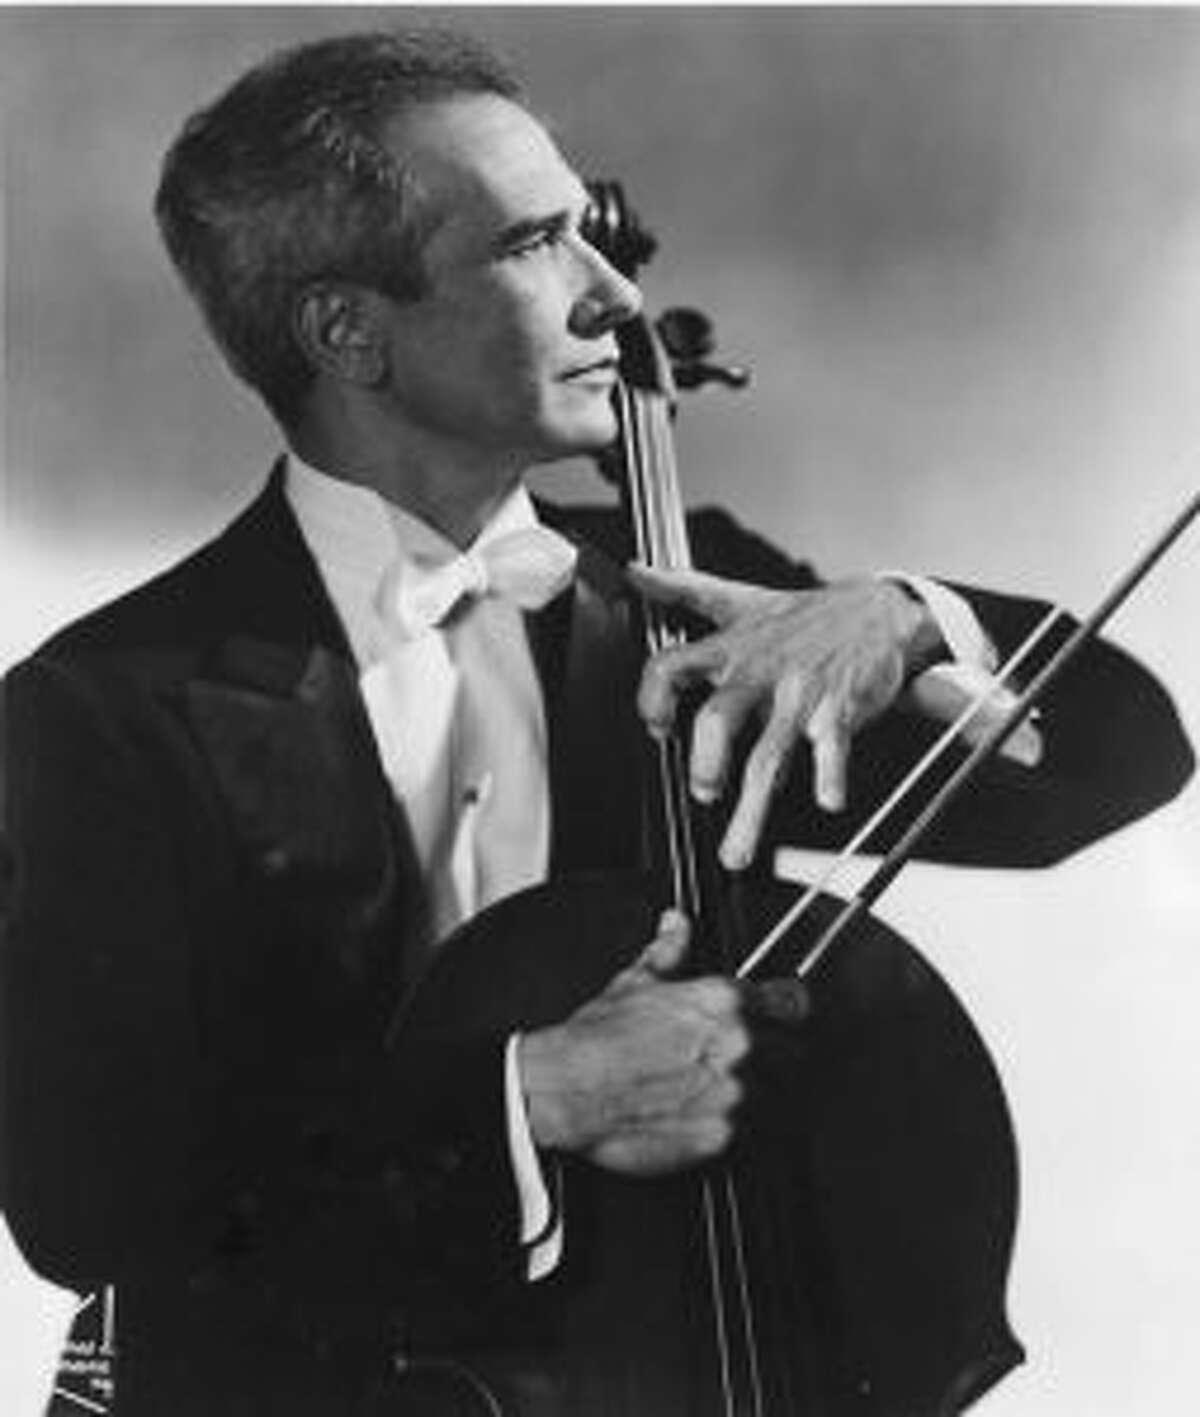 Aldo S. Parisot